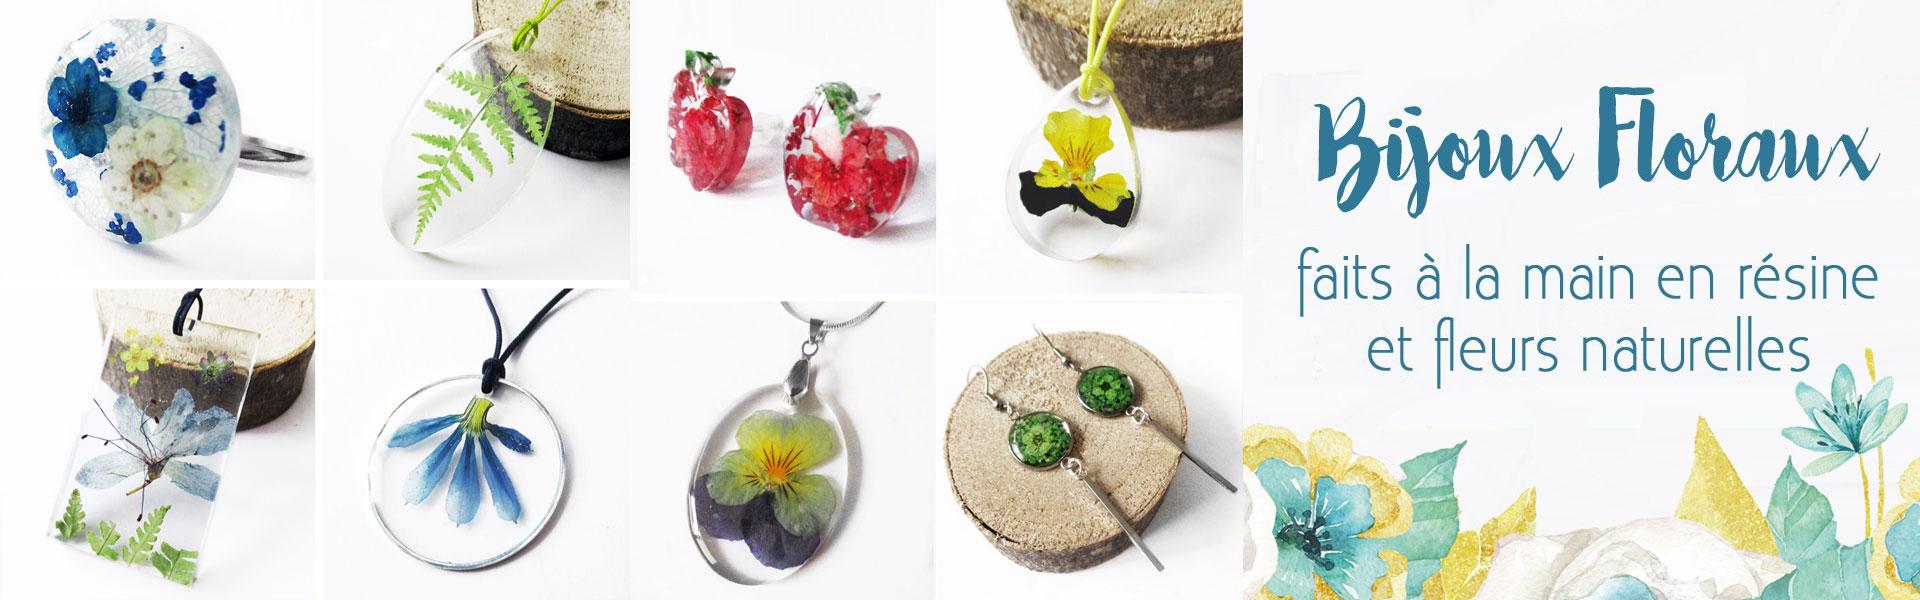 Cadeau nature de bijou floral en résine et fleurs naturelles